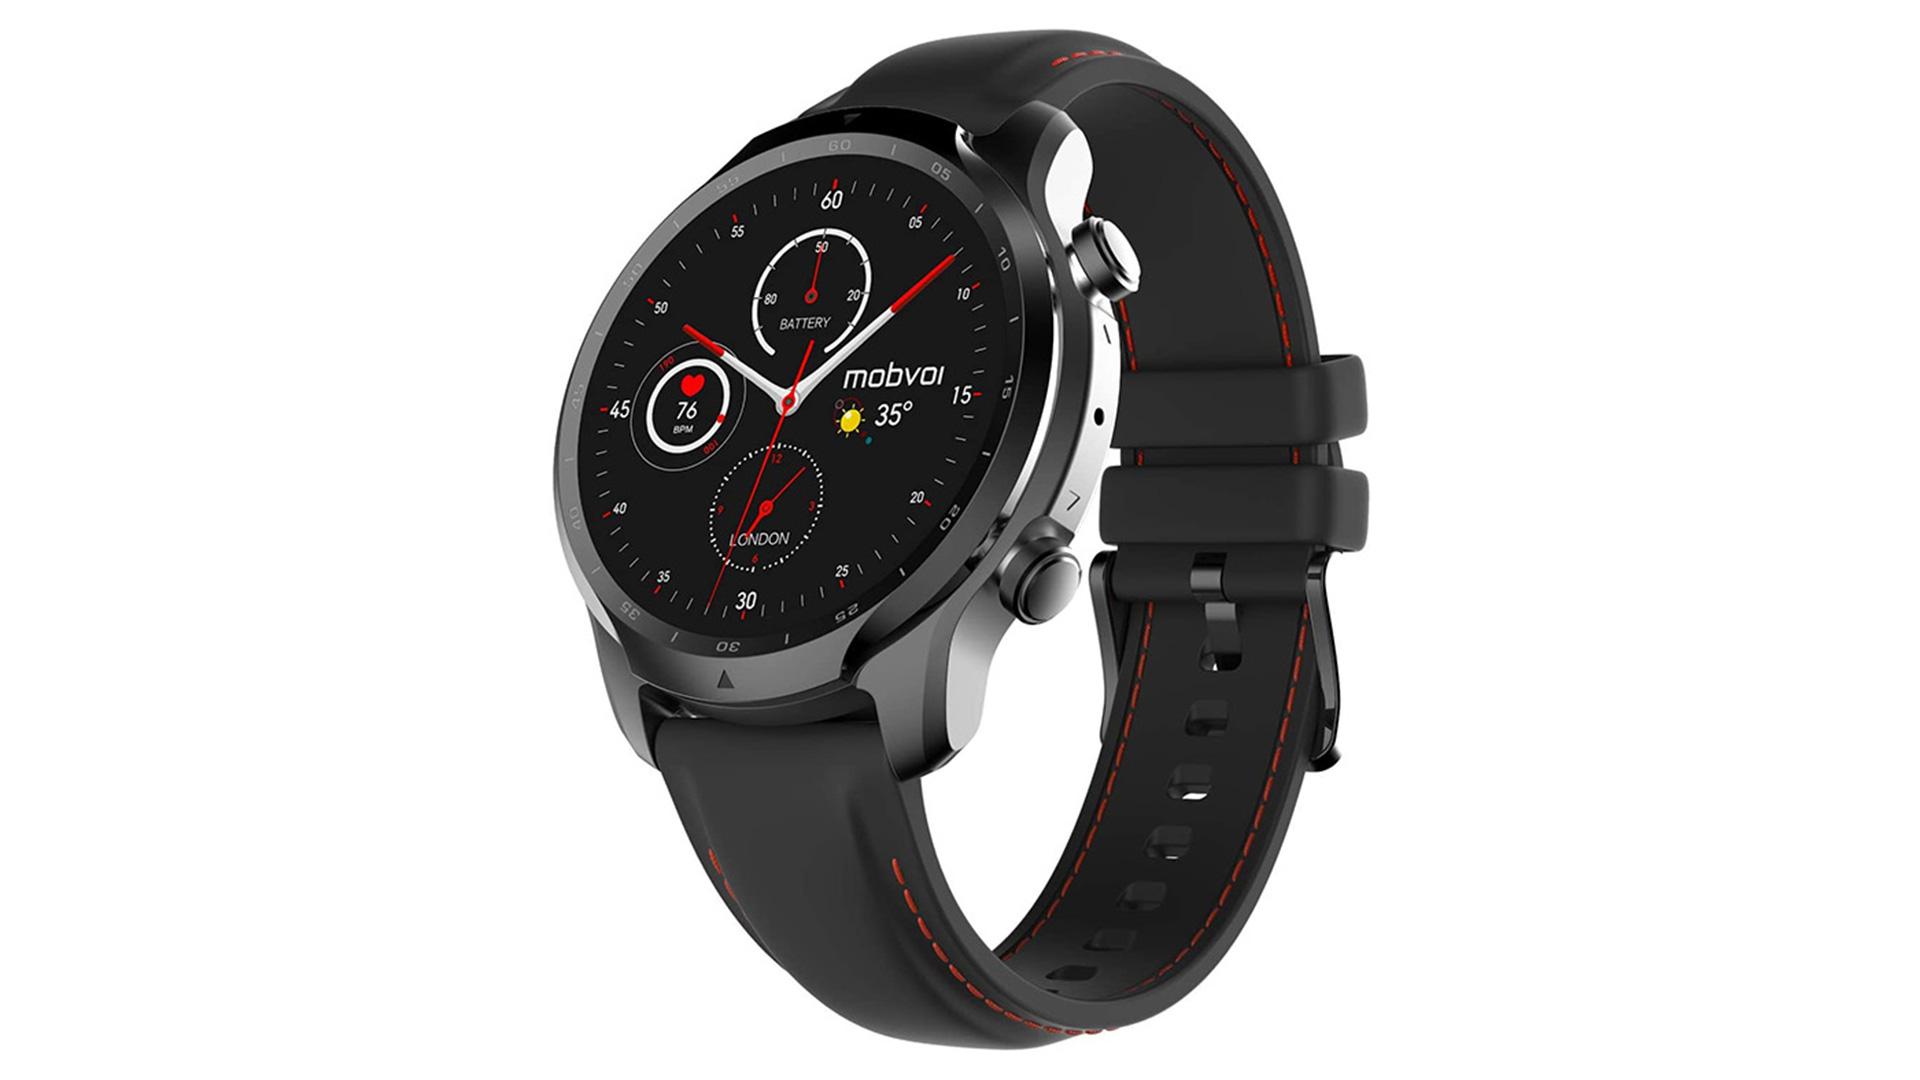 đồng hồ thông minh mobvoi ticwatch 3 pro